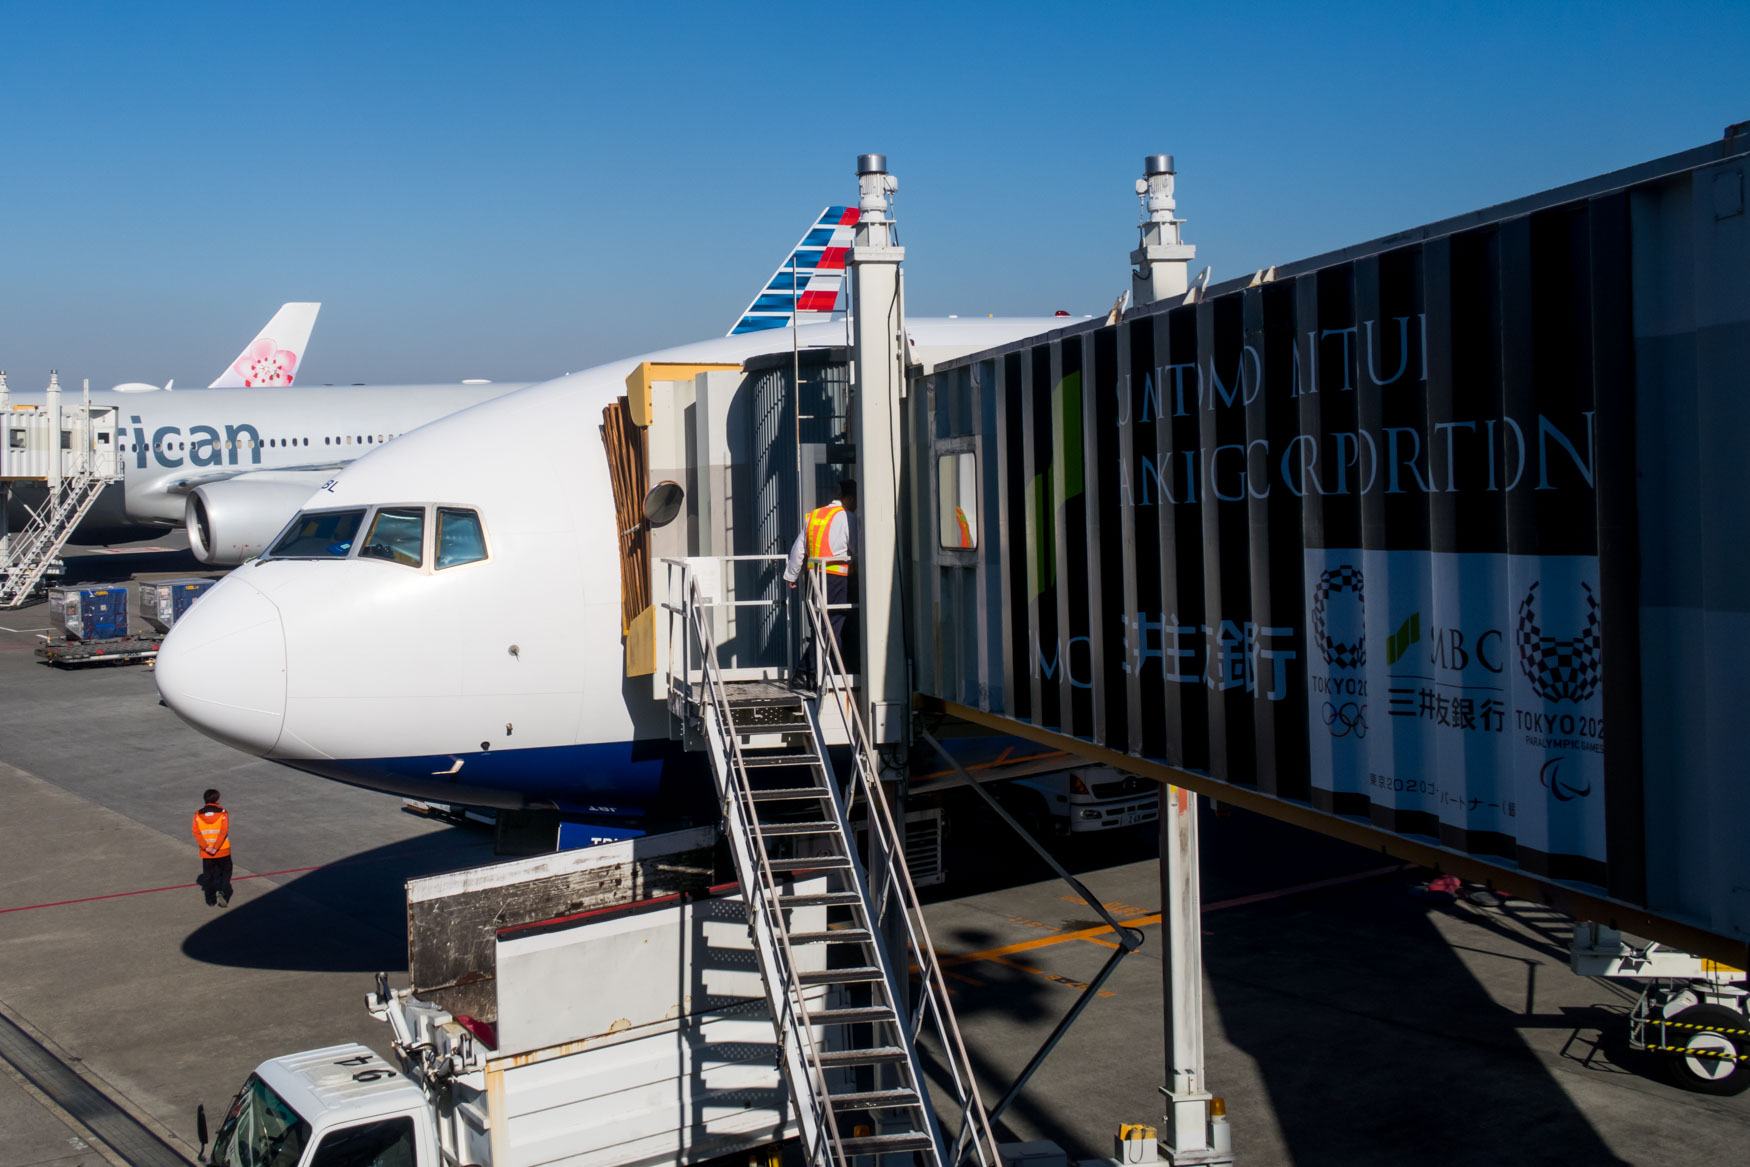 British Airways 777-300ER at Tokyo Narita